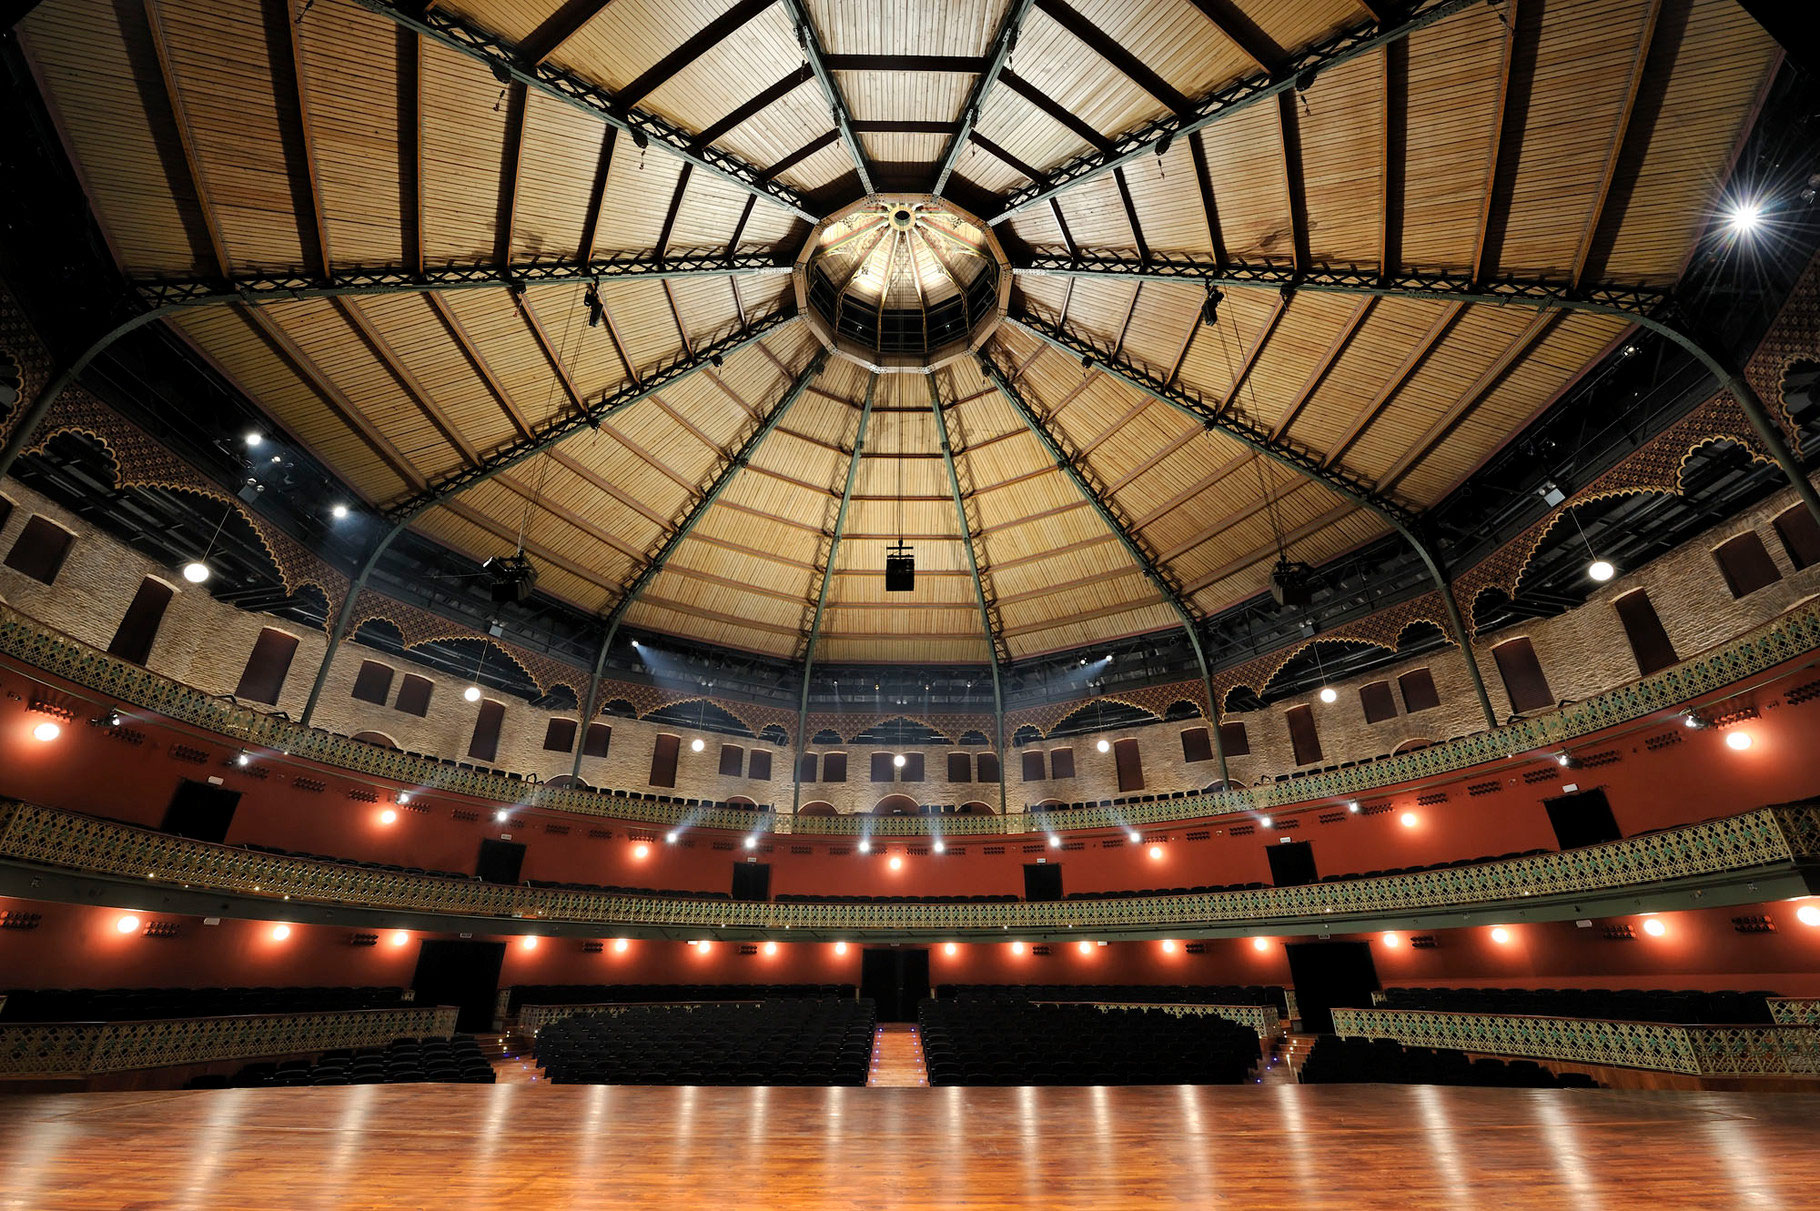 Theater circo murcia paarquitectos estudio de - Estudios arquitectura murcia ...